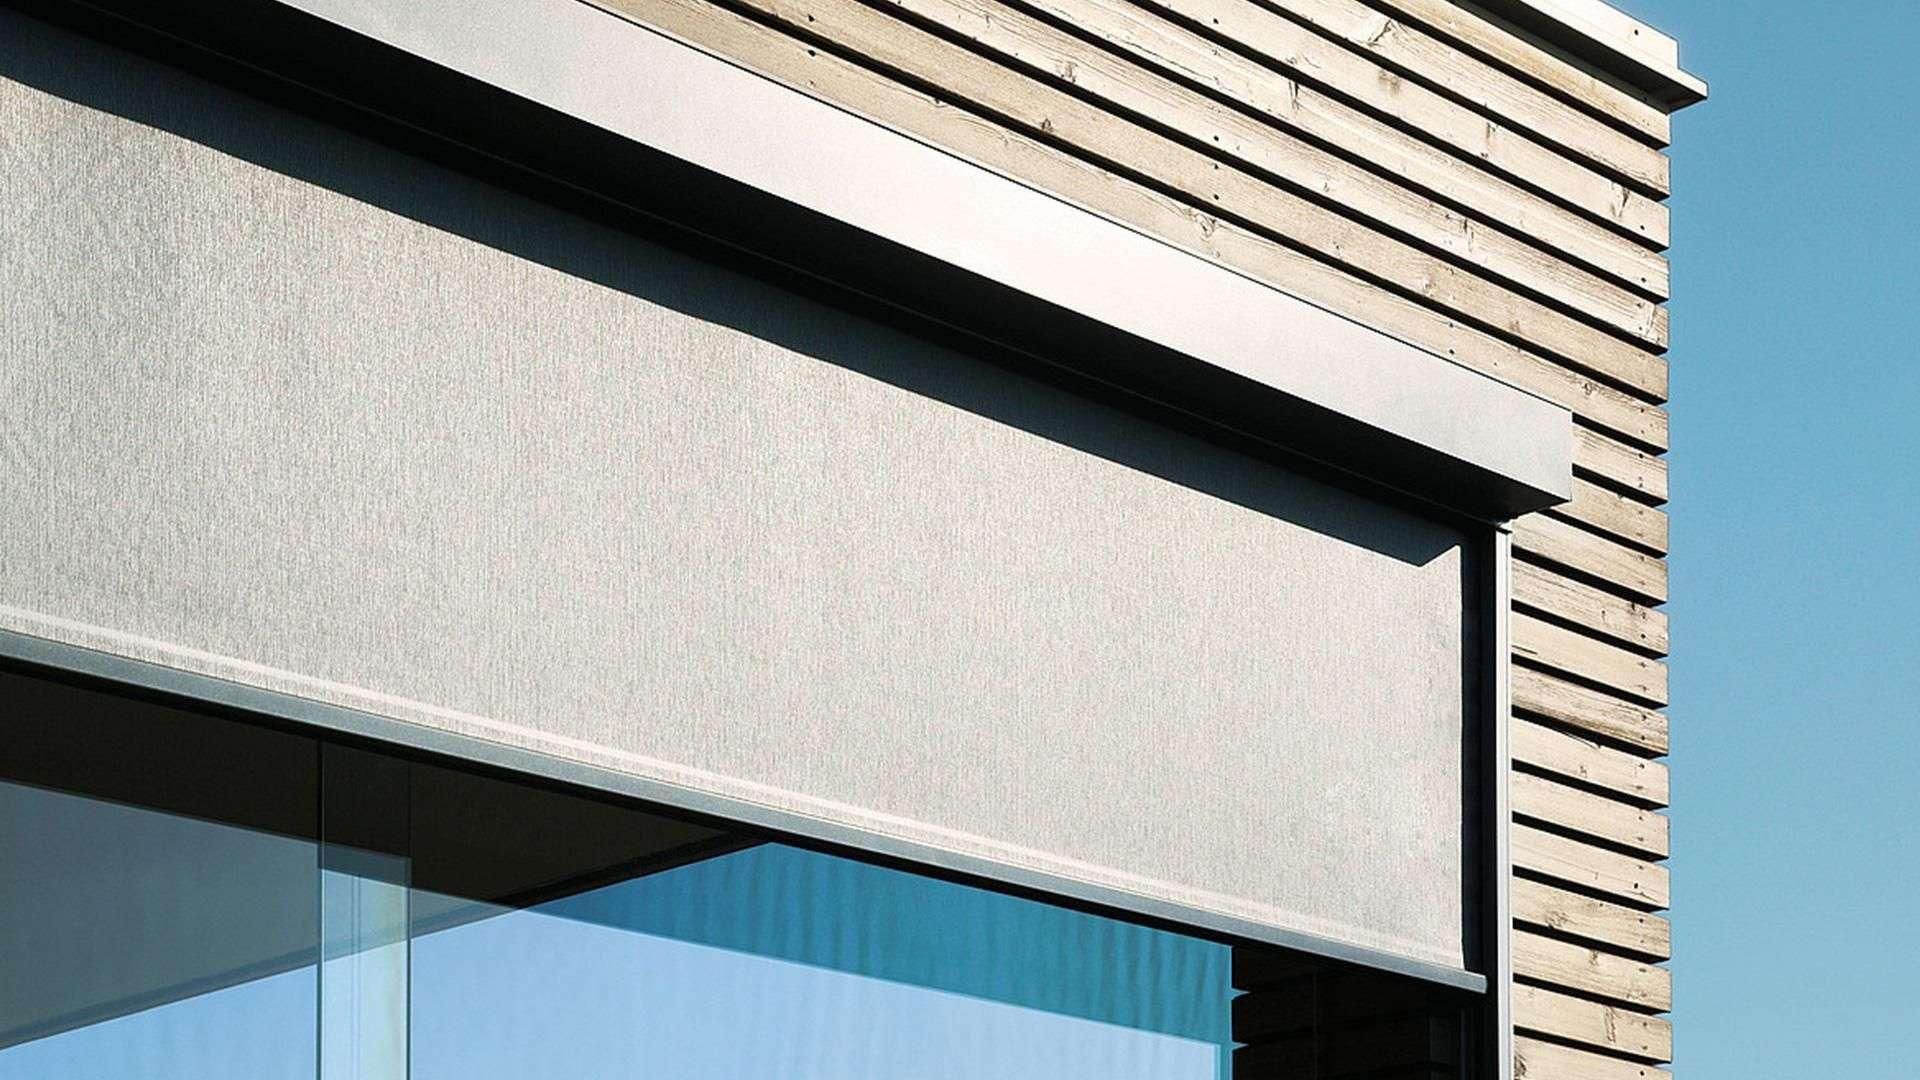 Nahansicht einer Fensterecke mit Markise davor